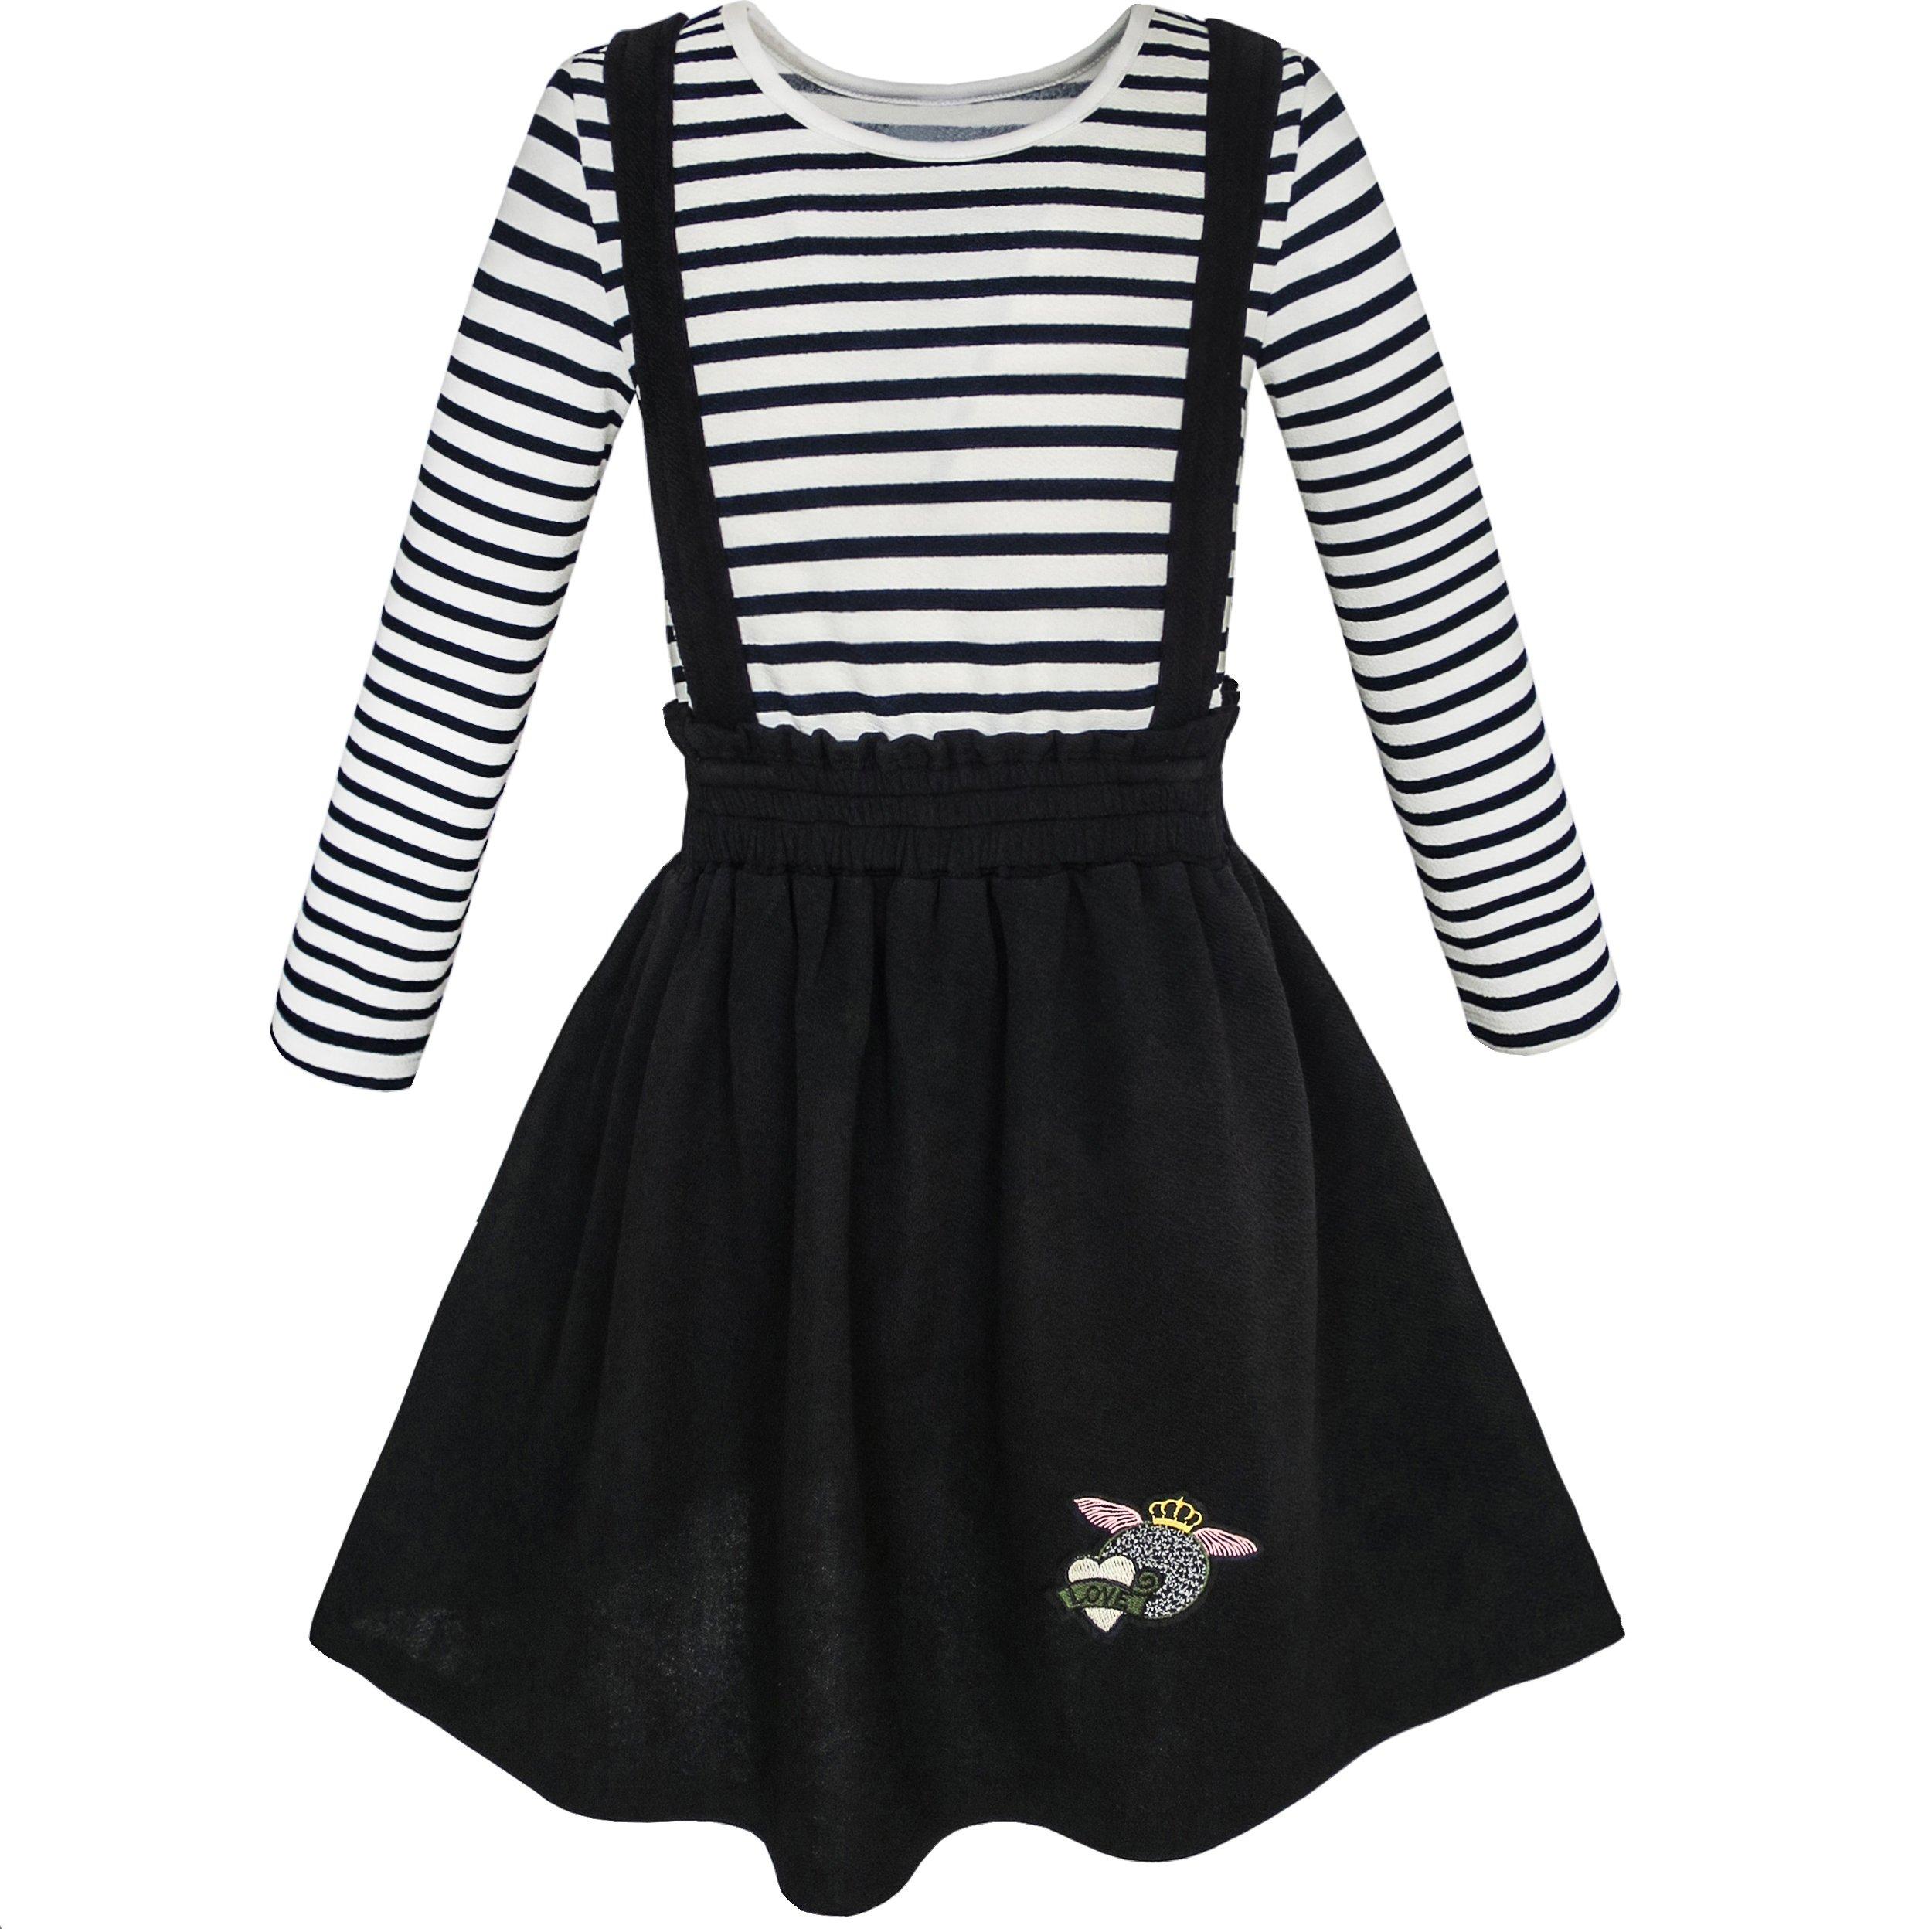 KL73 2 Pieces Set Girls Dress T-shirt Suspender Skirt School Size 6